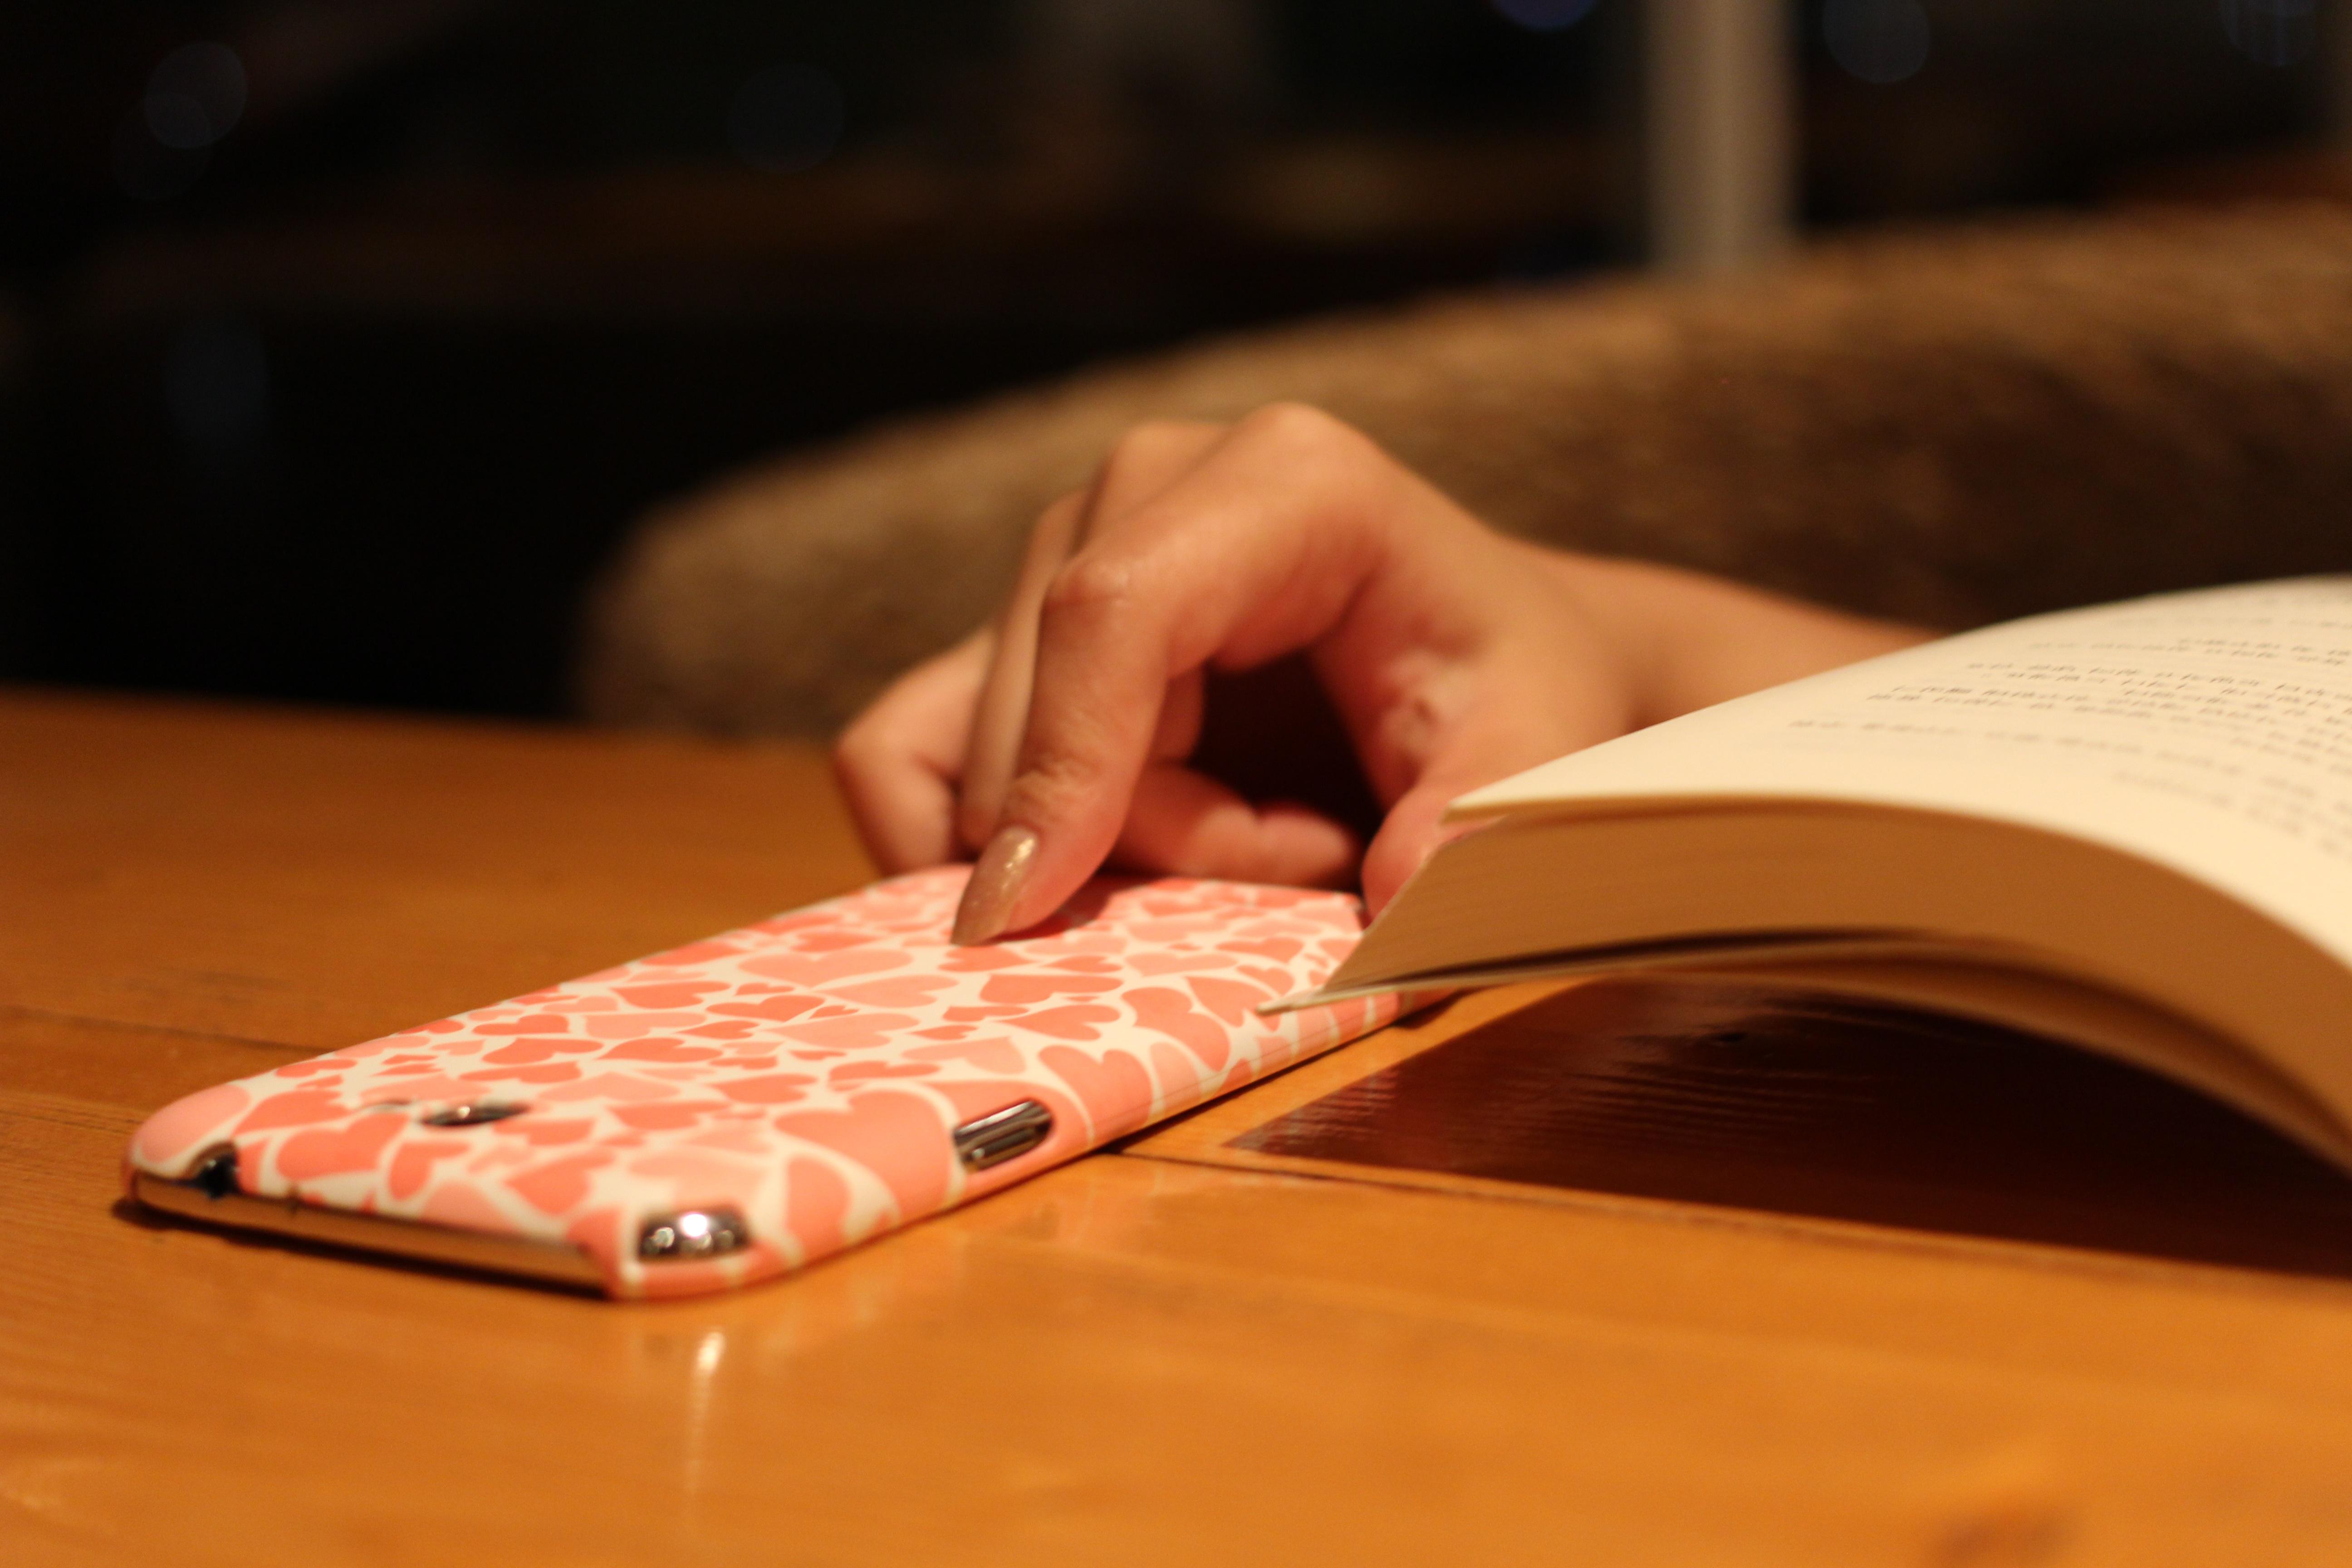 Fotos Gratis Escritura Mano Libro Leyendo Pierna Dedo  # Muebles Piel Humana